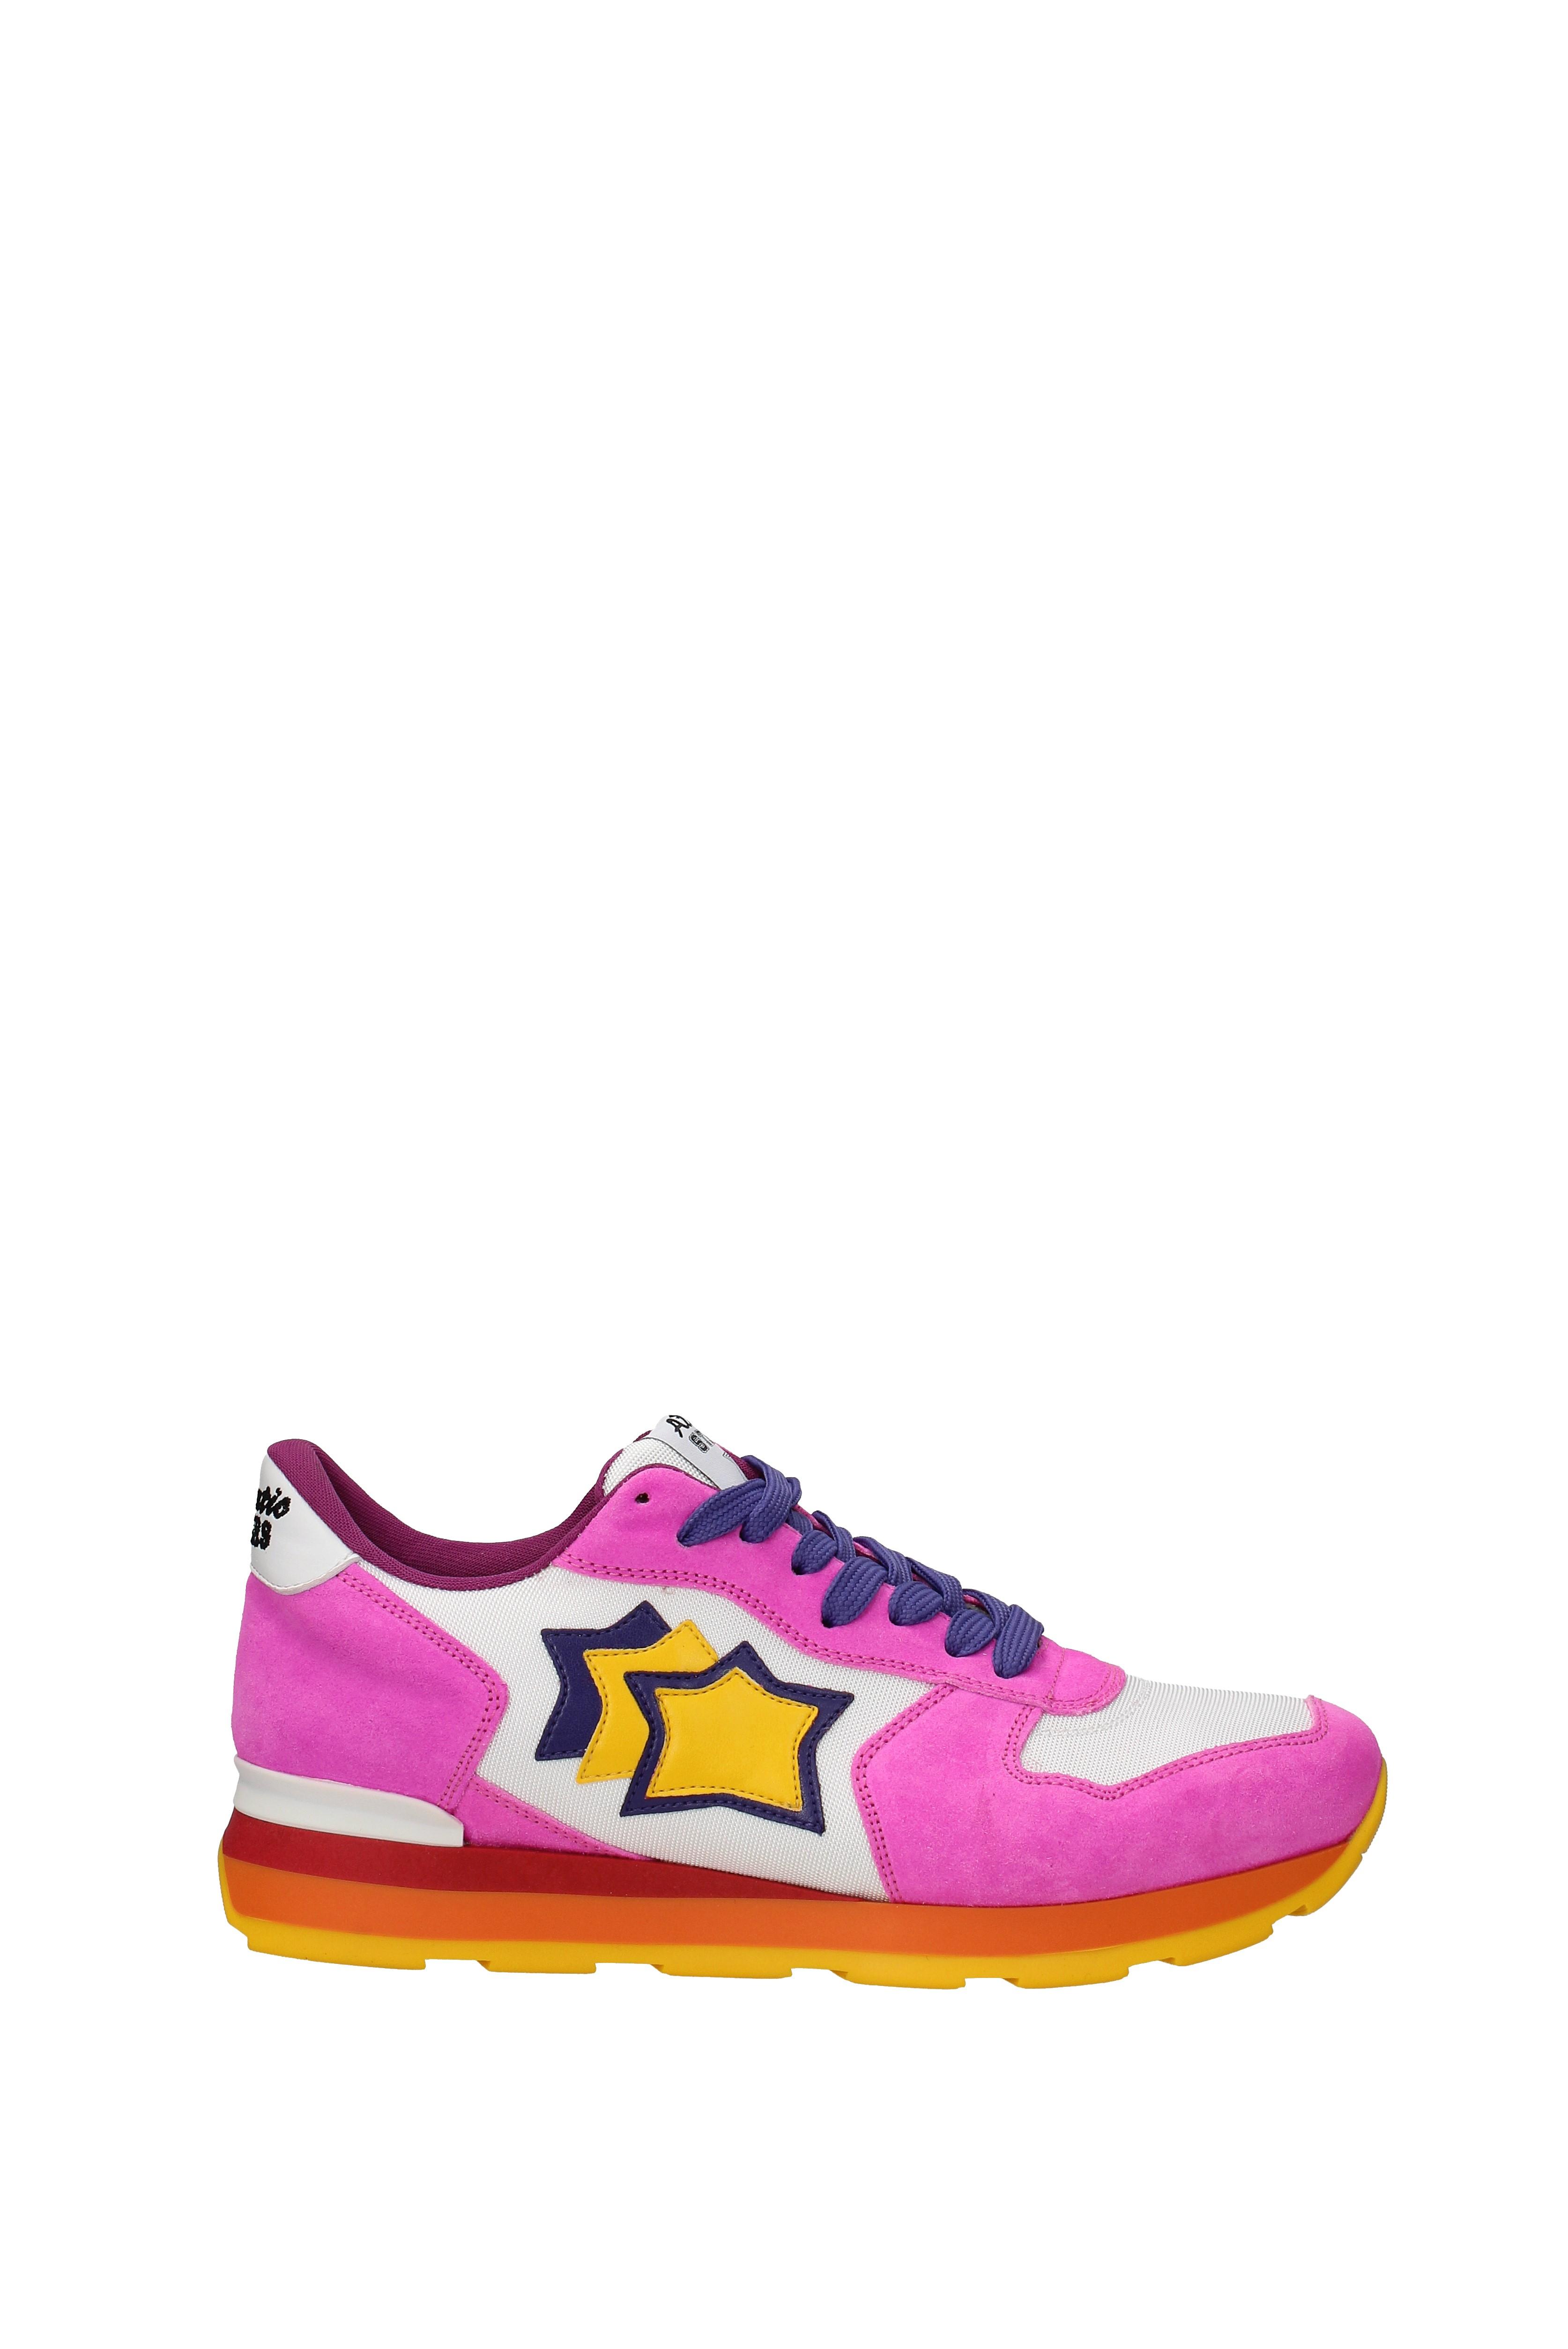 Sneakers Atlantic vega Stars vega Atlantic Damens - Suede (TESSUTOCAMOSCIOVEGA) d9ef6c